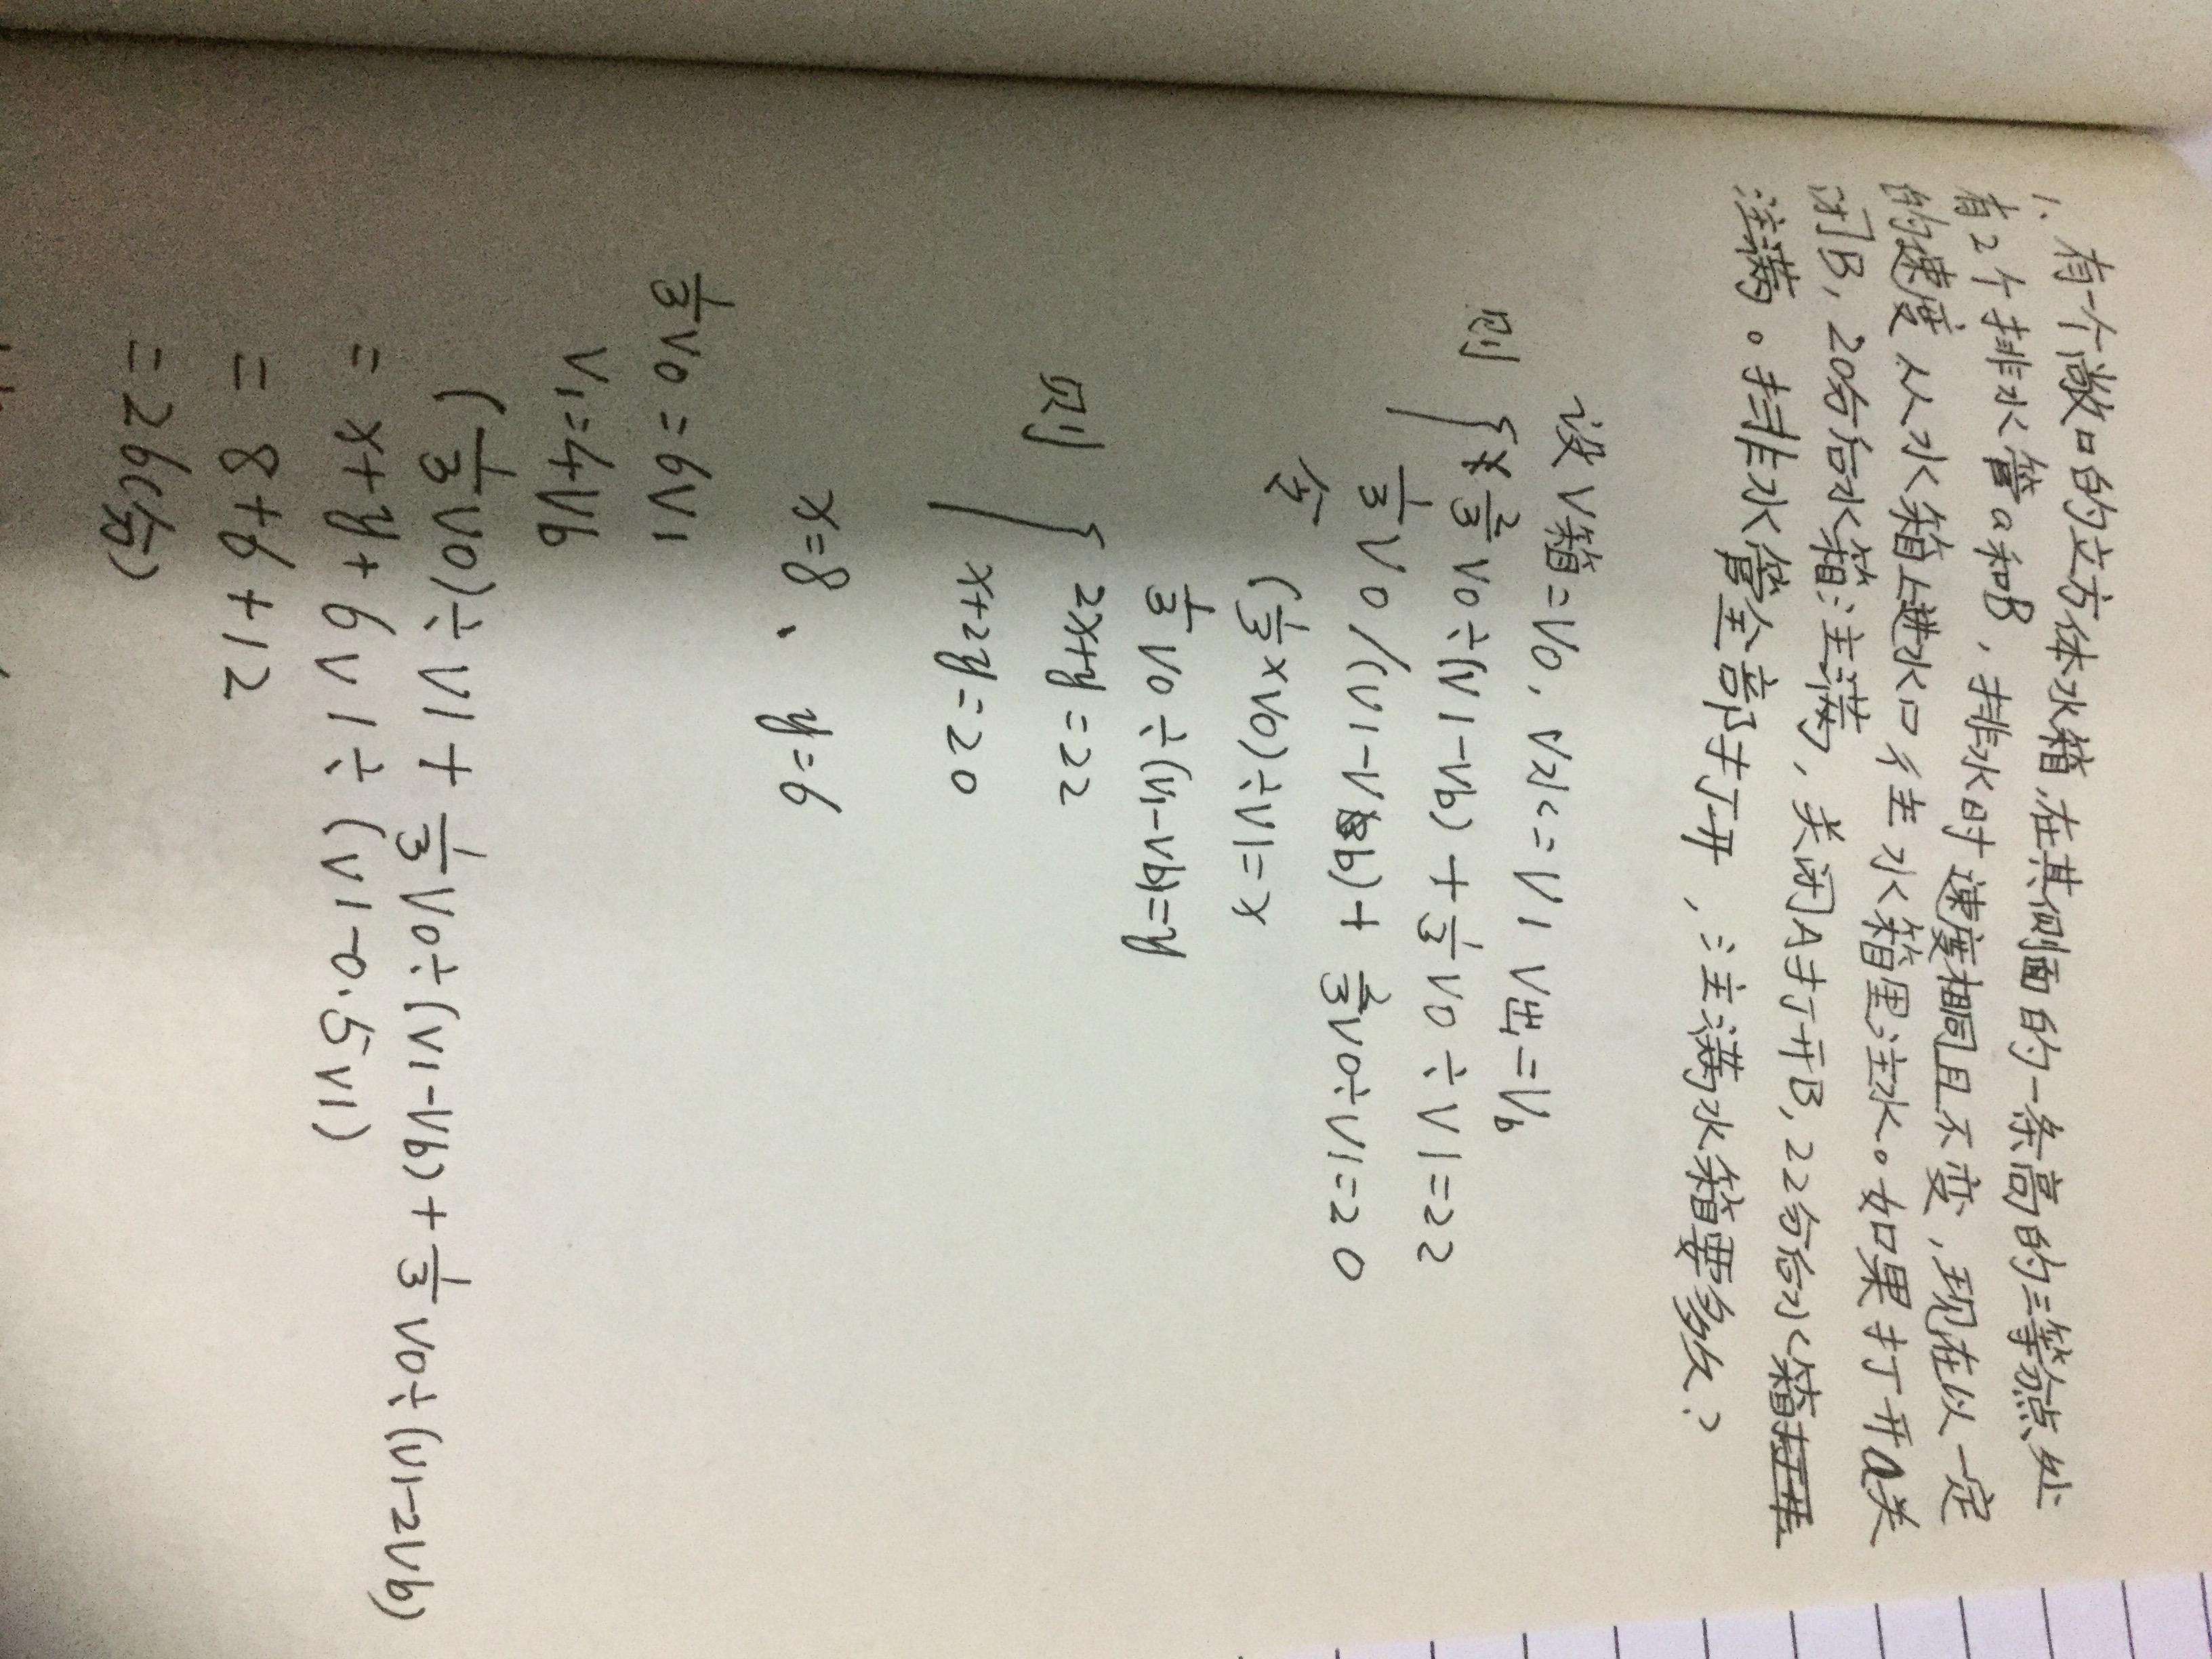 0EC3D093-A20C-4341-B326-CD76C941E193.jpg